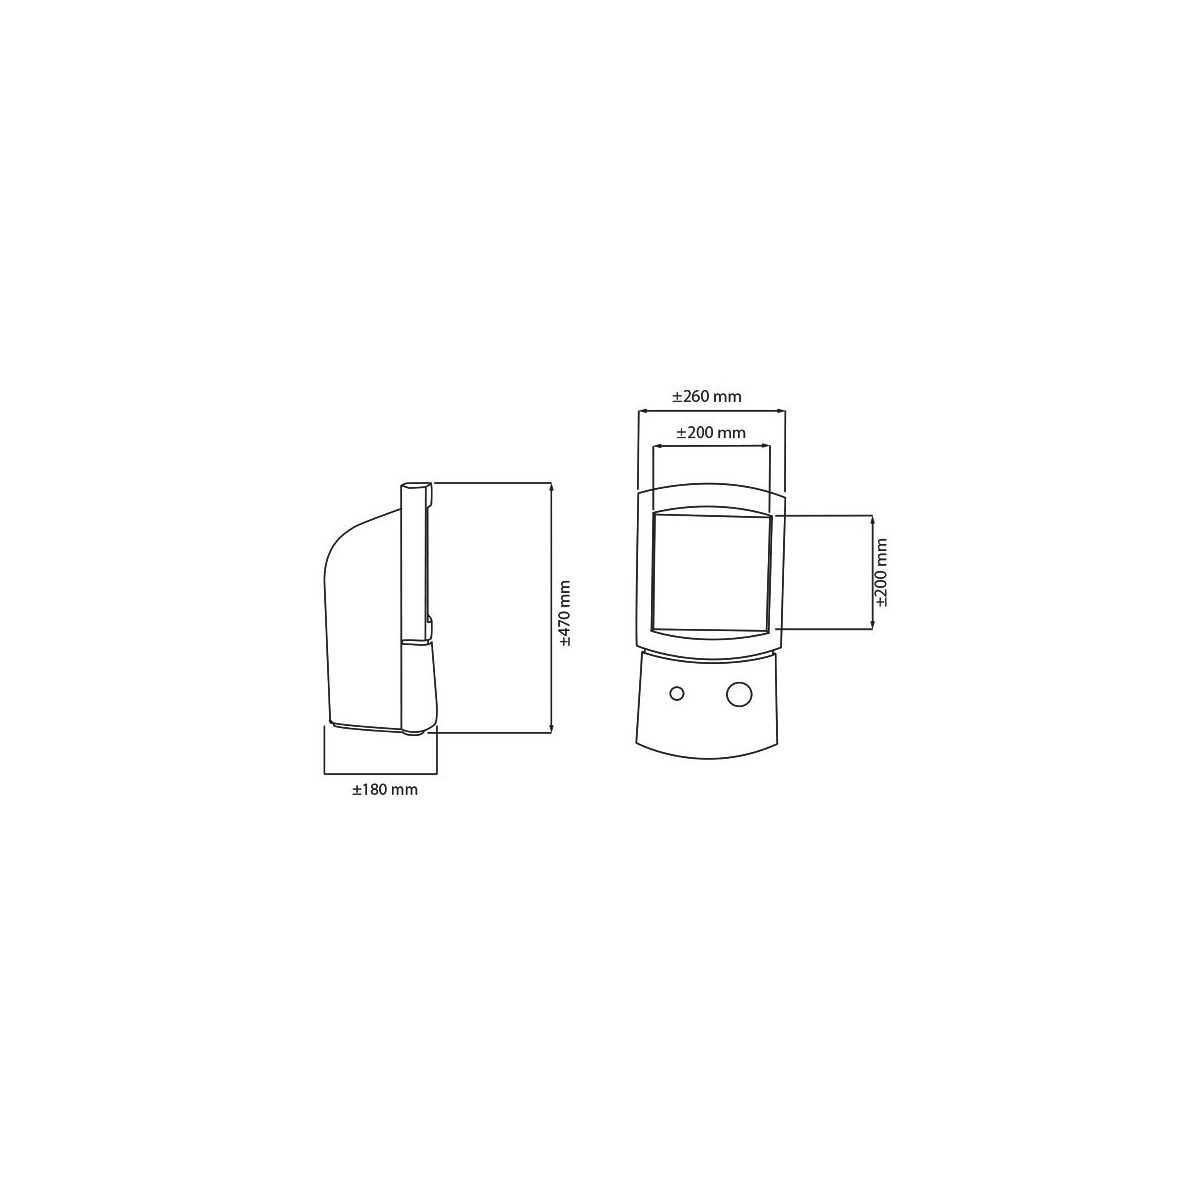 Hapro HB404 - Solarium facial - Home Tanning - Hapro